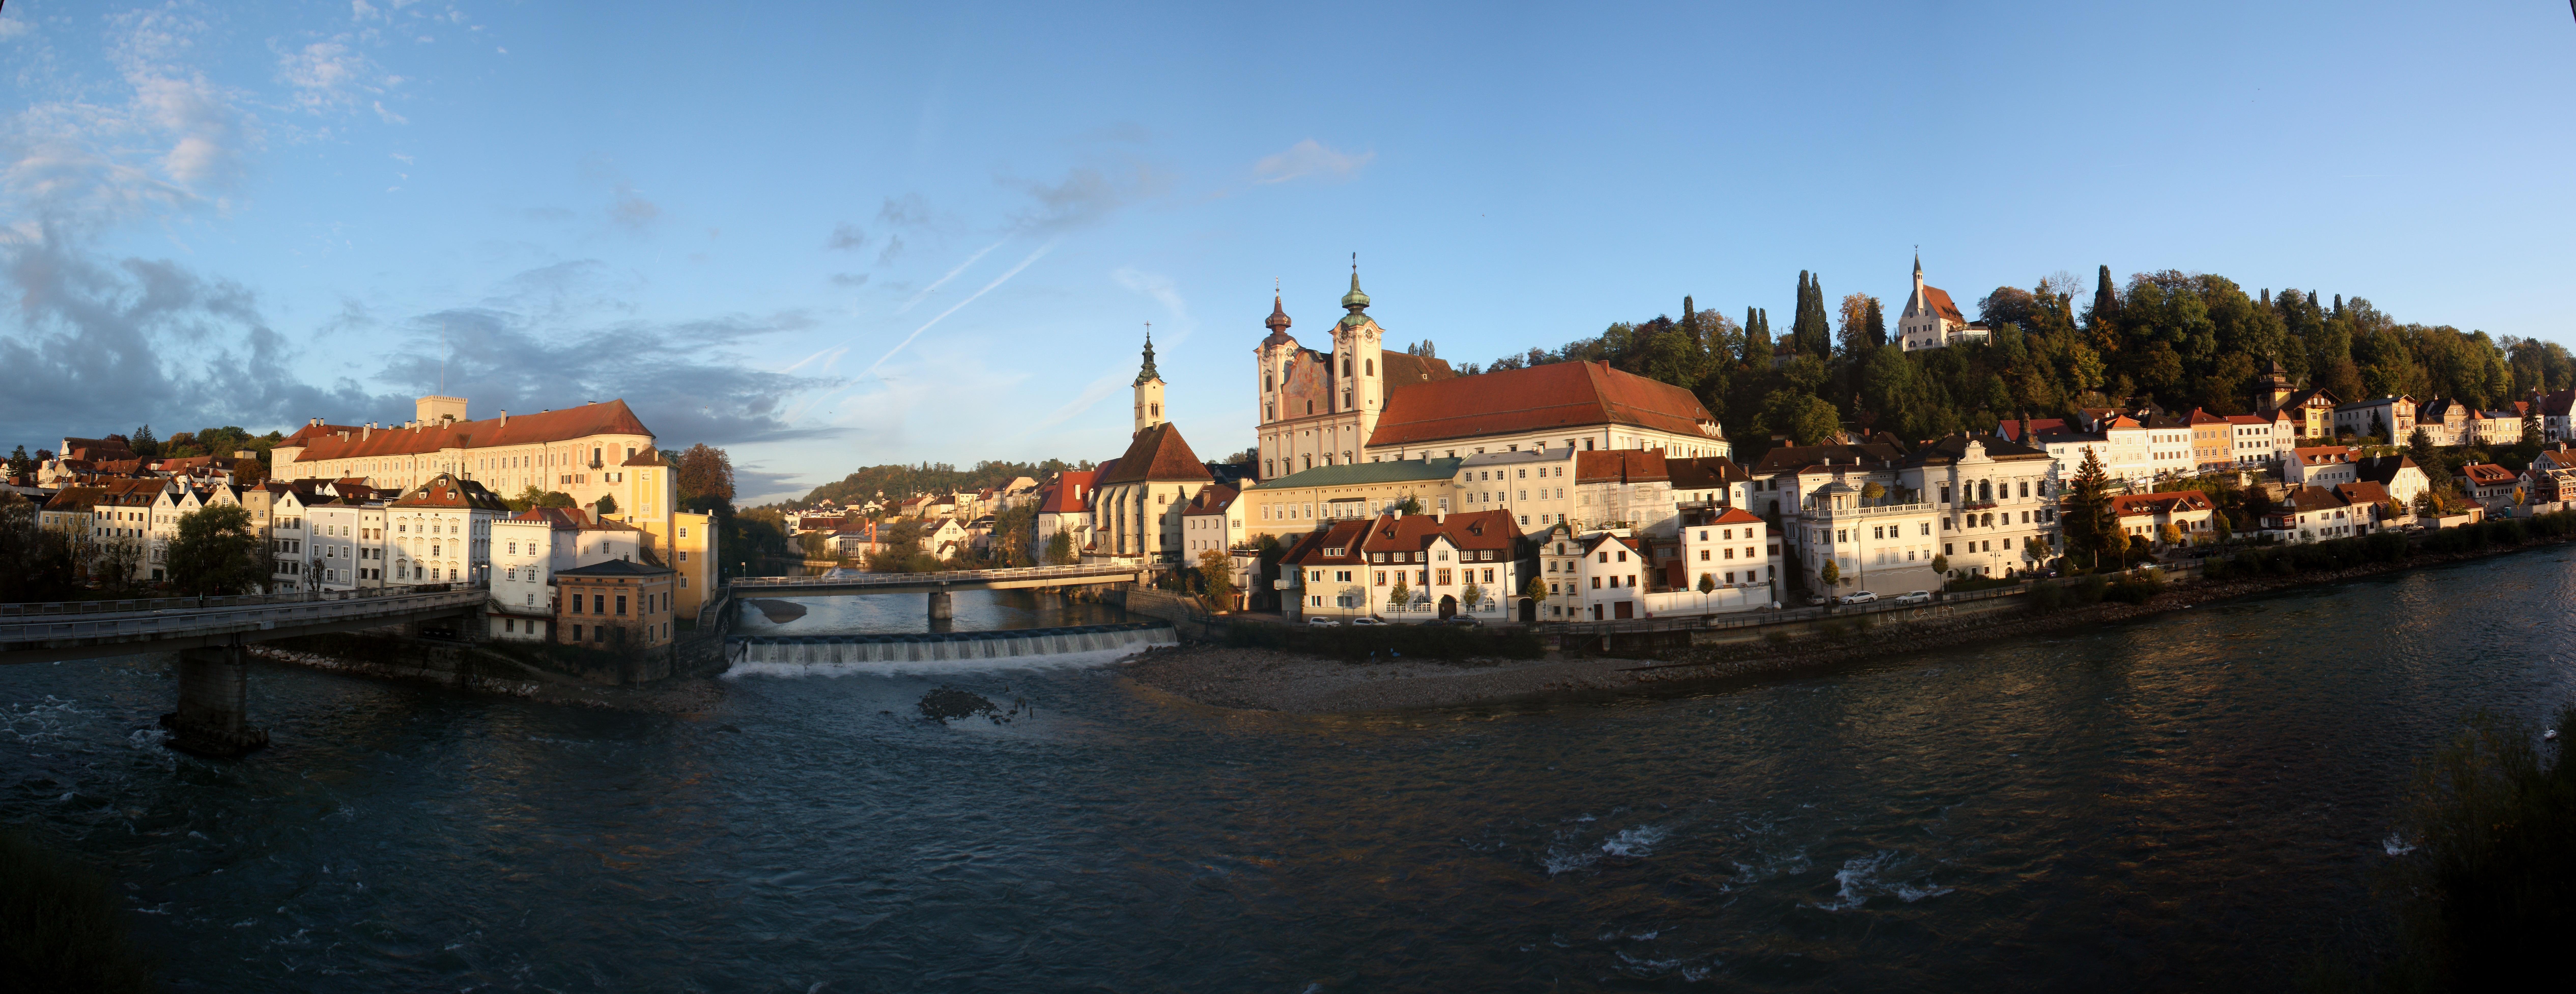 Von links nach rechts: Altstadt mit Schloss Lamberg, Mündung der Steyr in die Enns, Michaelerkirche, Tabor und Ortskai